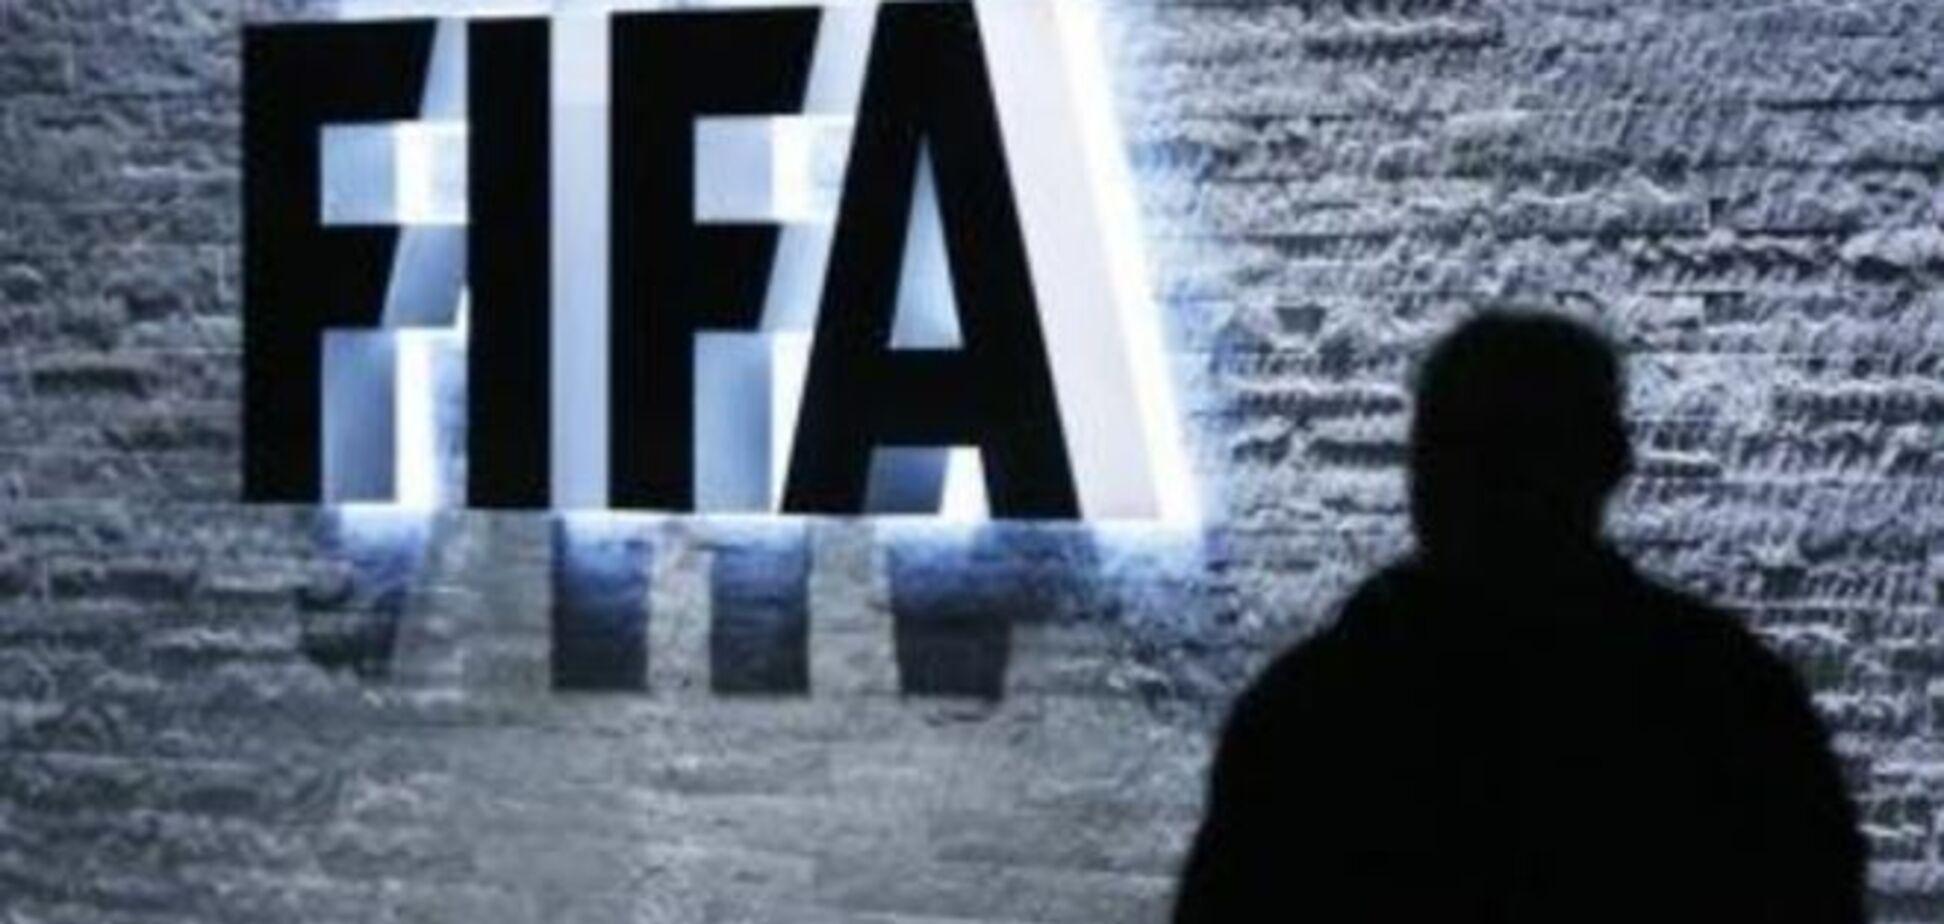 СМИ прогнозируют развитие скандала в ФИФА: российские коррупционеры - следующие